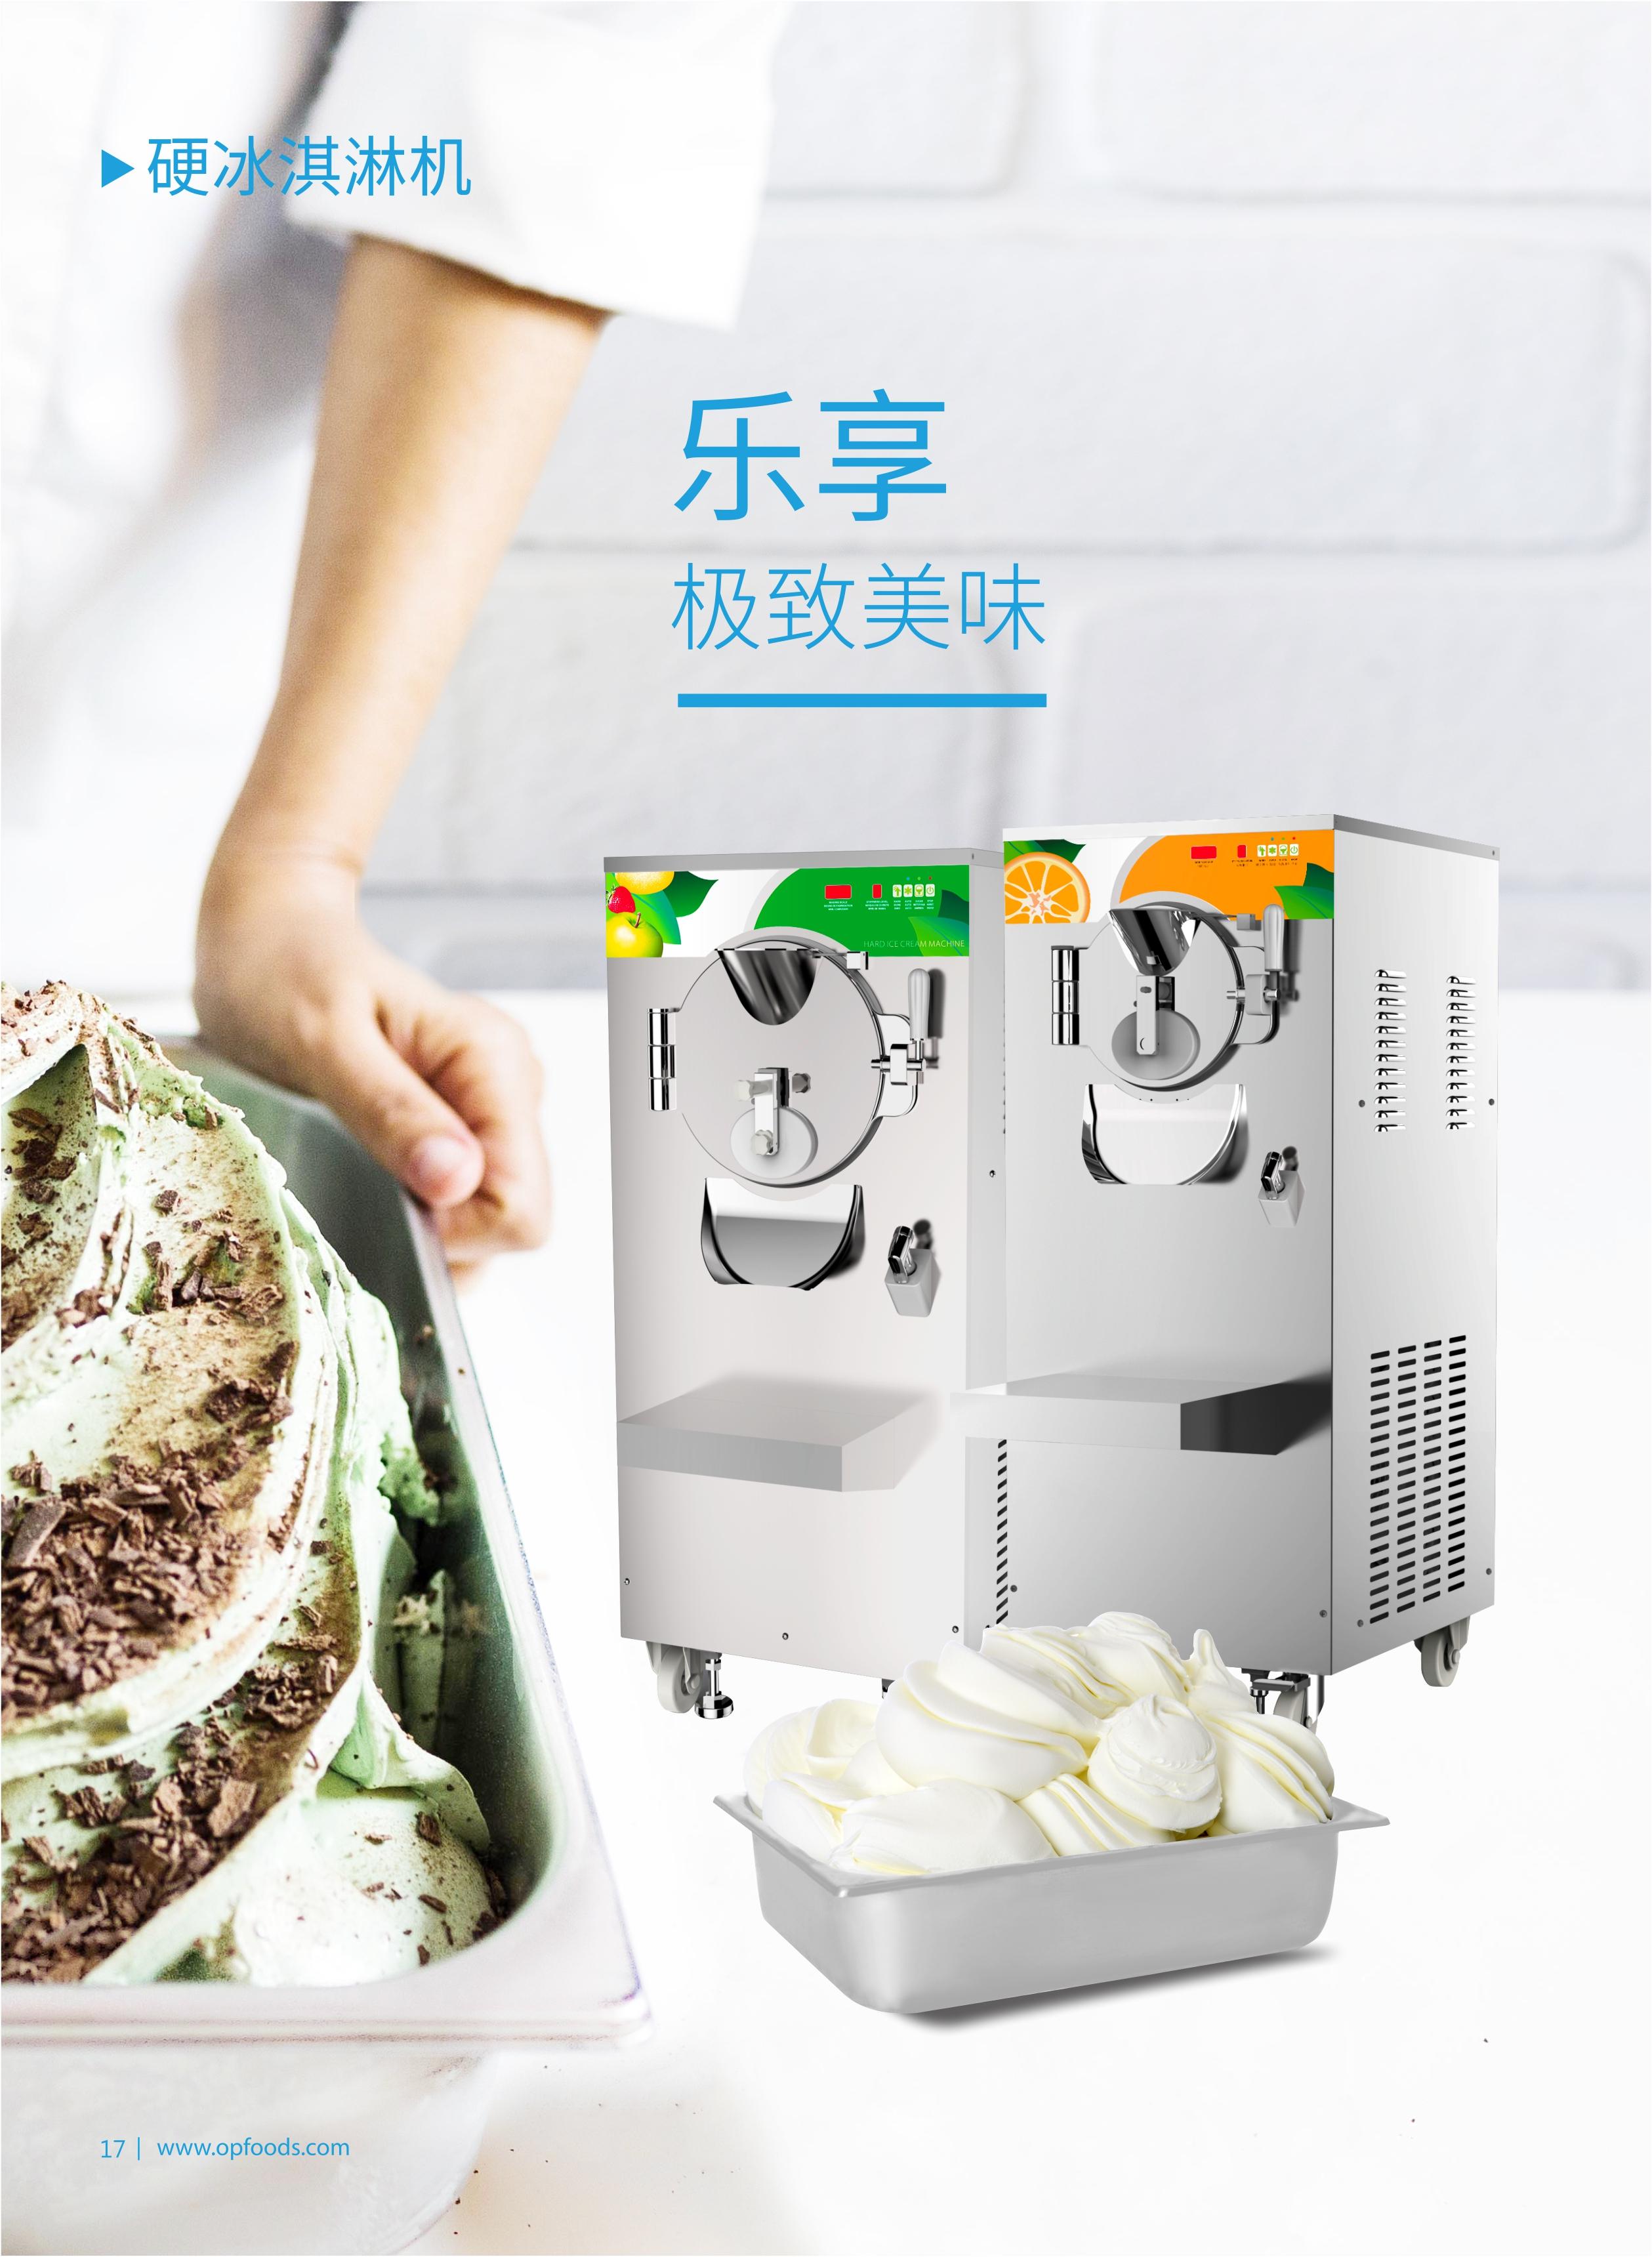 商用硬冰淇淋机OPH76